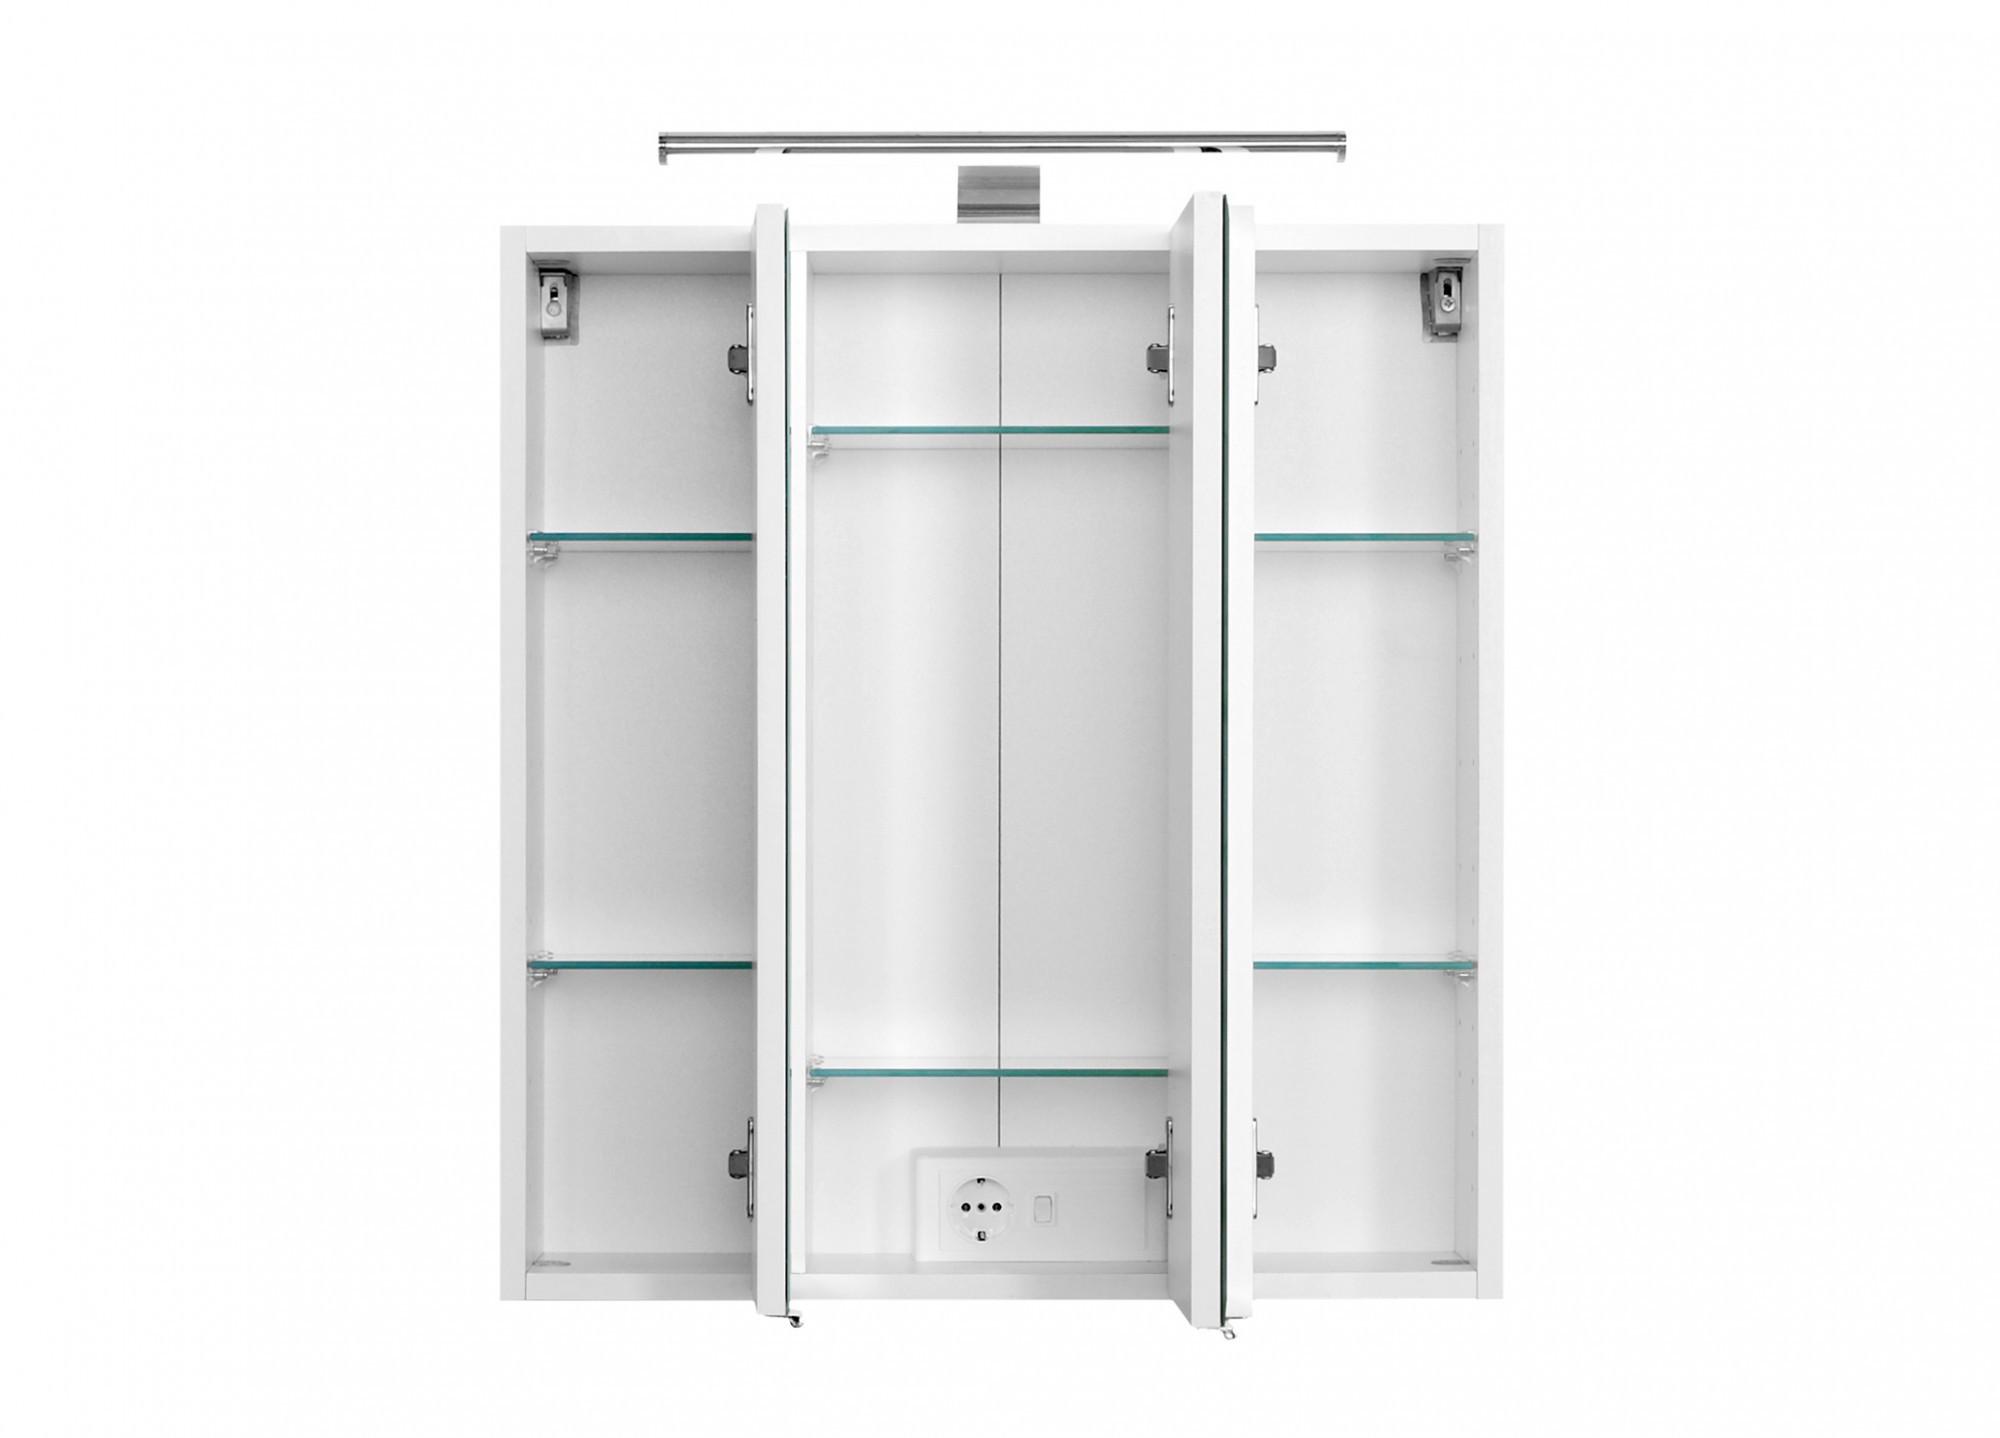 Spiegelschrank 60 Cm  Bad Spiegelschrank 3 türig mit LED Aufbauleuchte 60